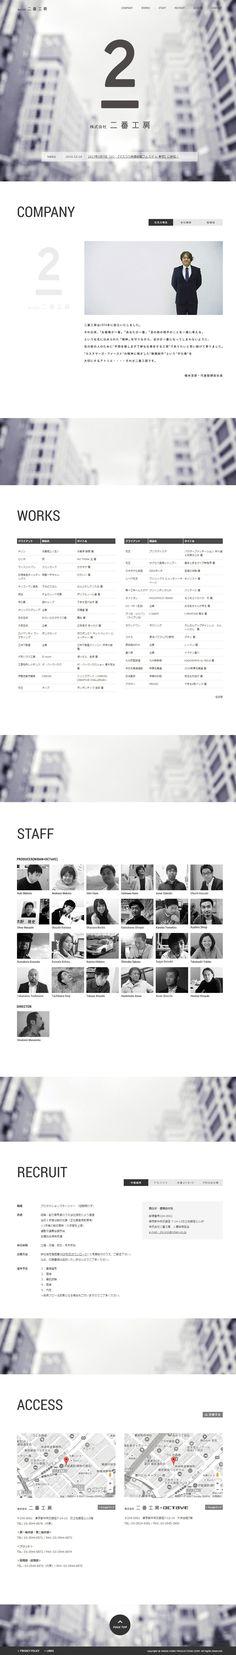 Blog Website Design, Web 2, Layouts, Web Design, Design Web, Website Designs, Site Design